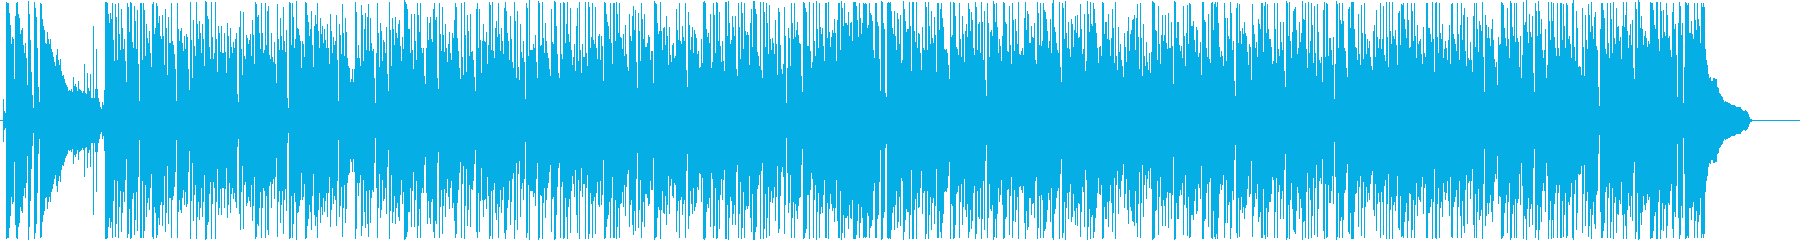 明るく爽やかなボサノバ調のBGMの再生済みの波形